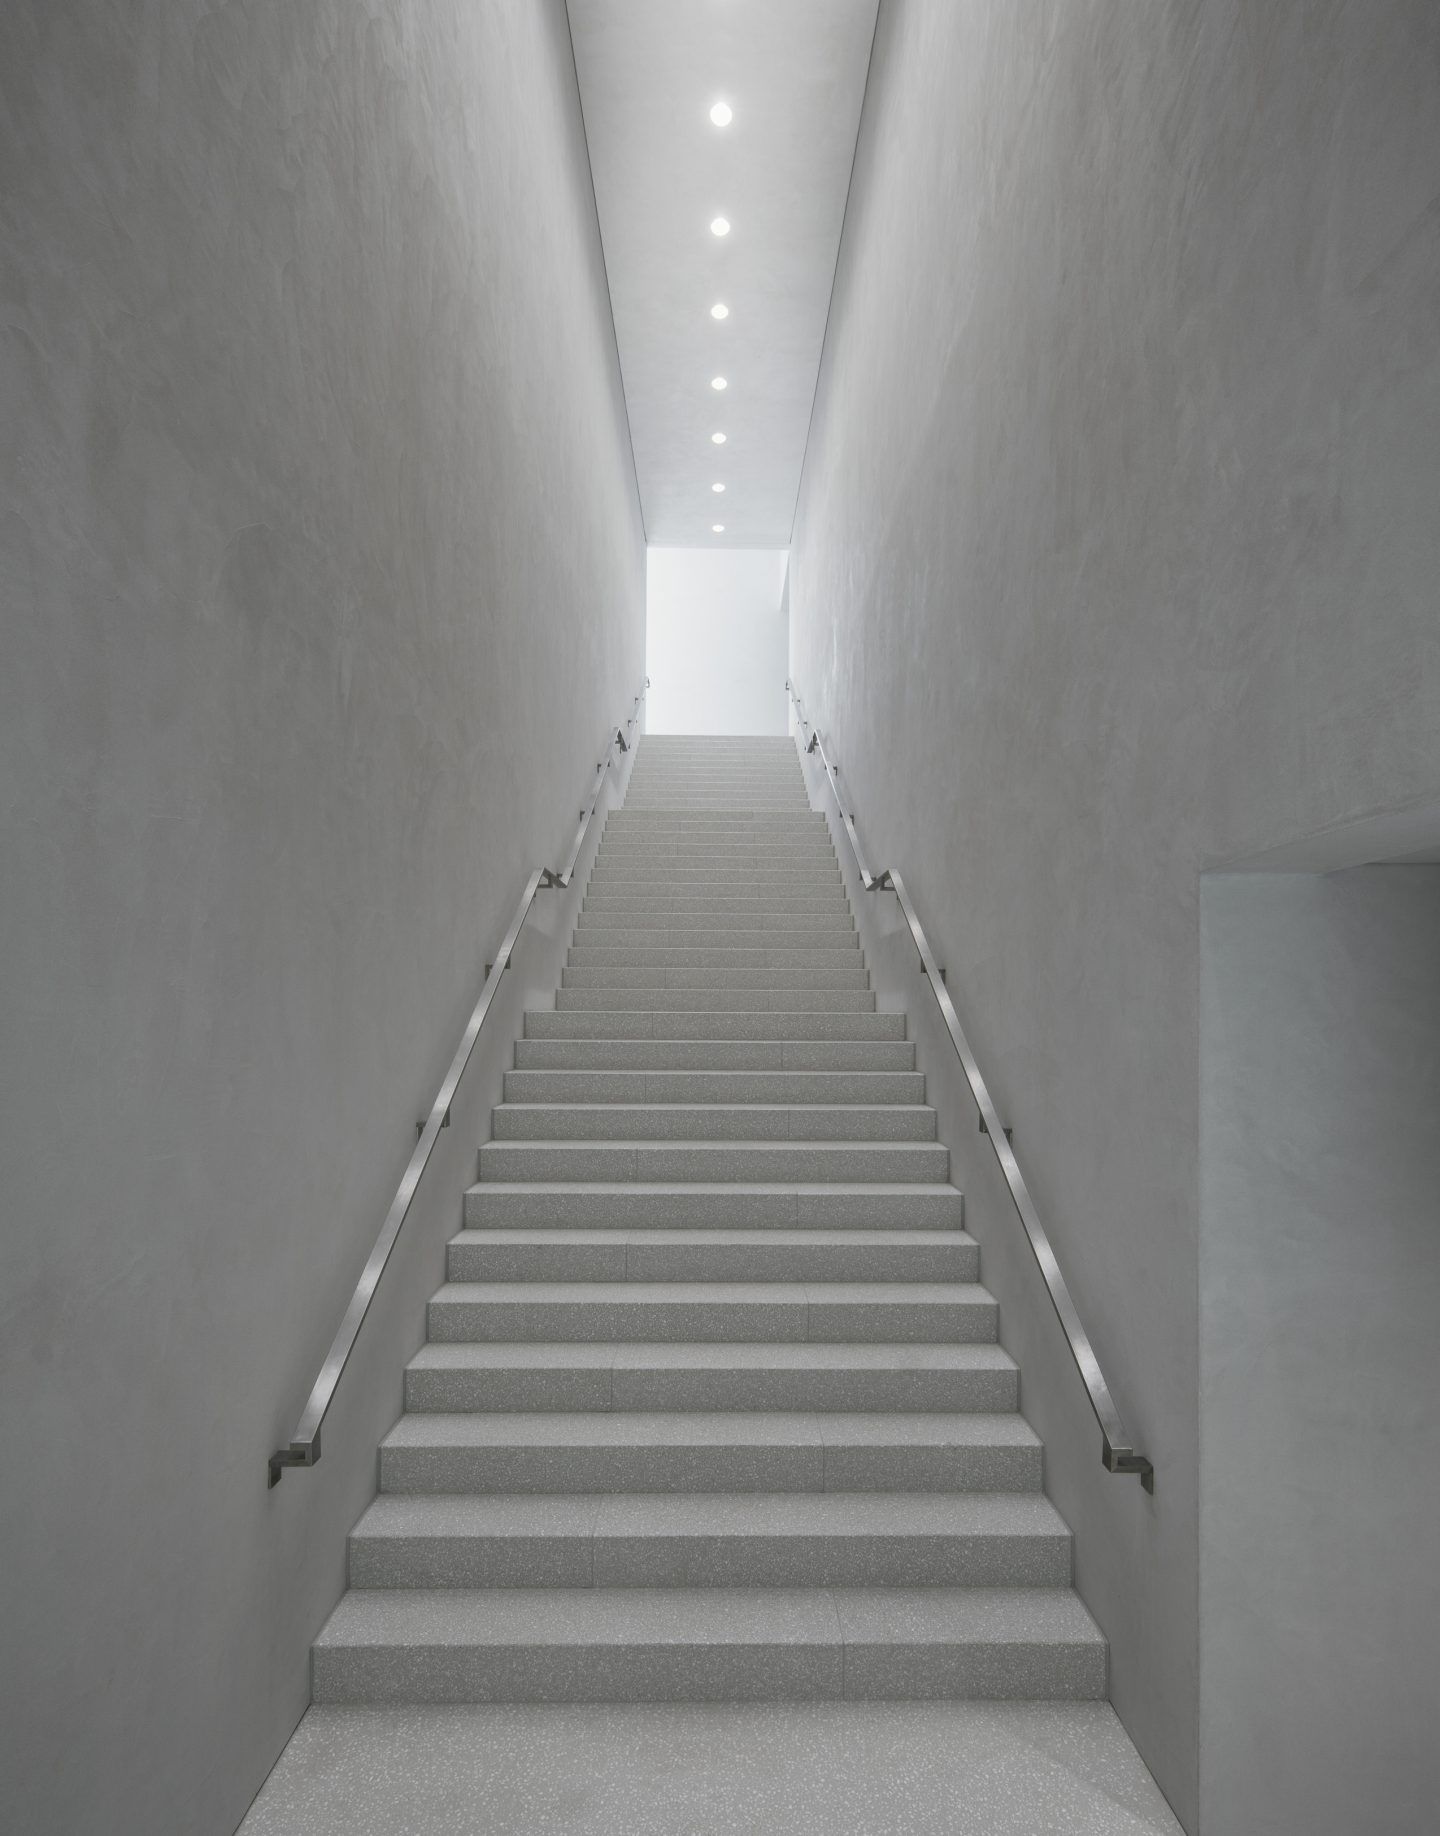 IGNANT-Architecture-Barozzi-Veiga-Museum-Lausanne-09